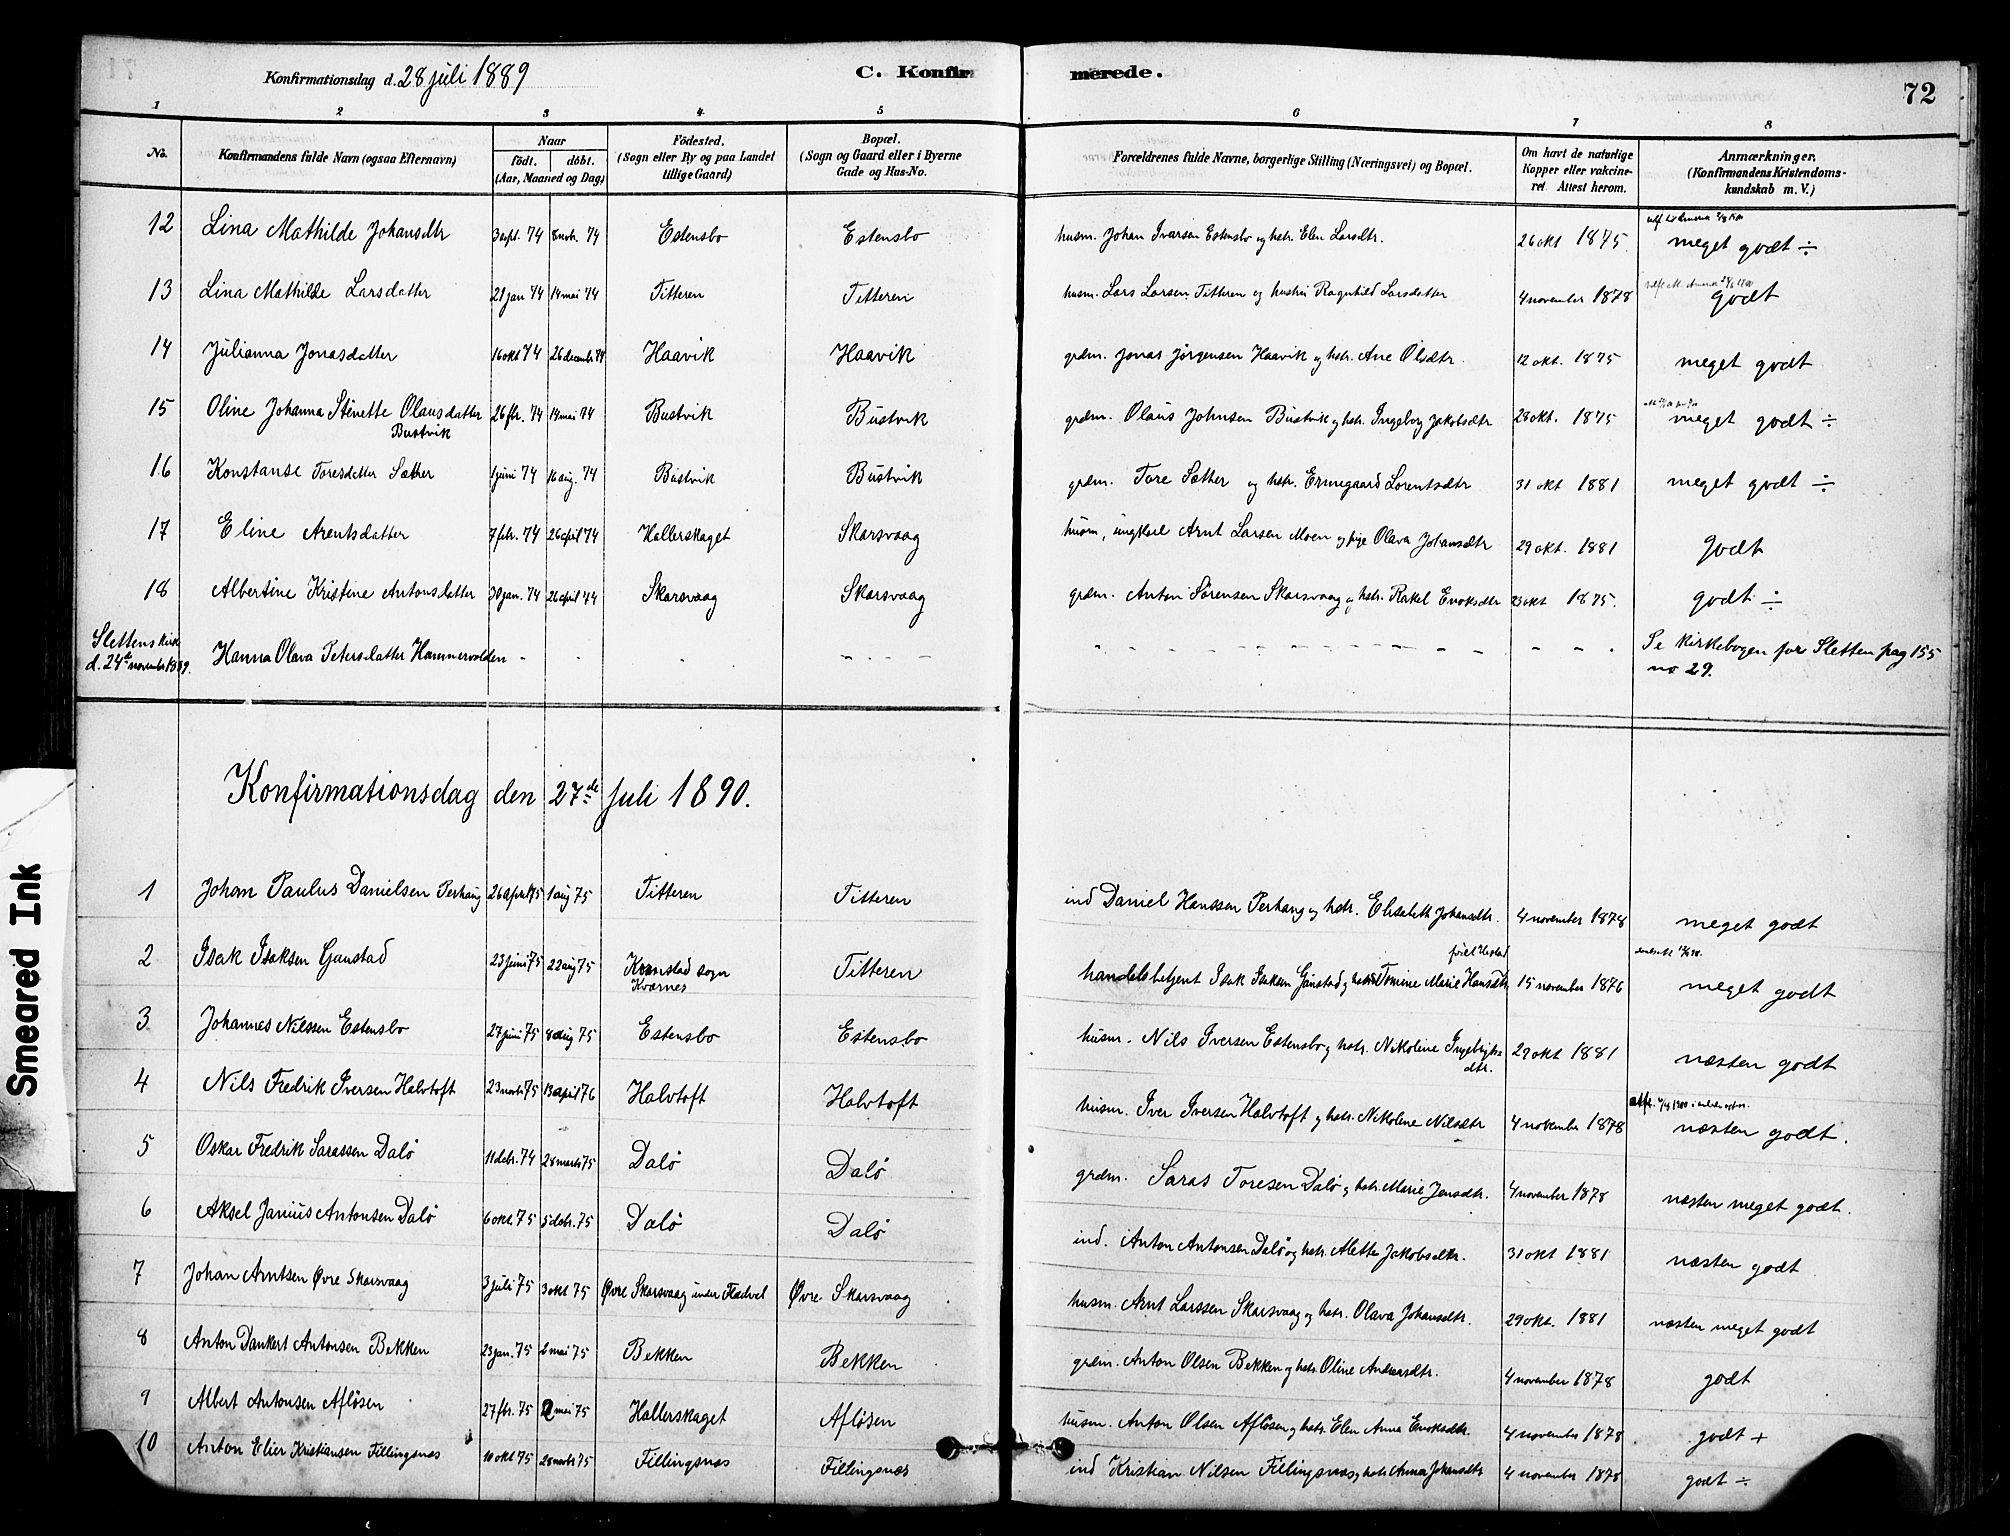 SAT, Ministerialprotokoller, klokkerbøker og fødselsregistre - Sør-Trøndelag, 641/L0595: Ministerialbok nr. 641A01, 1882-1897, s. 72